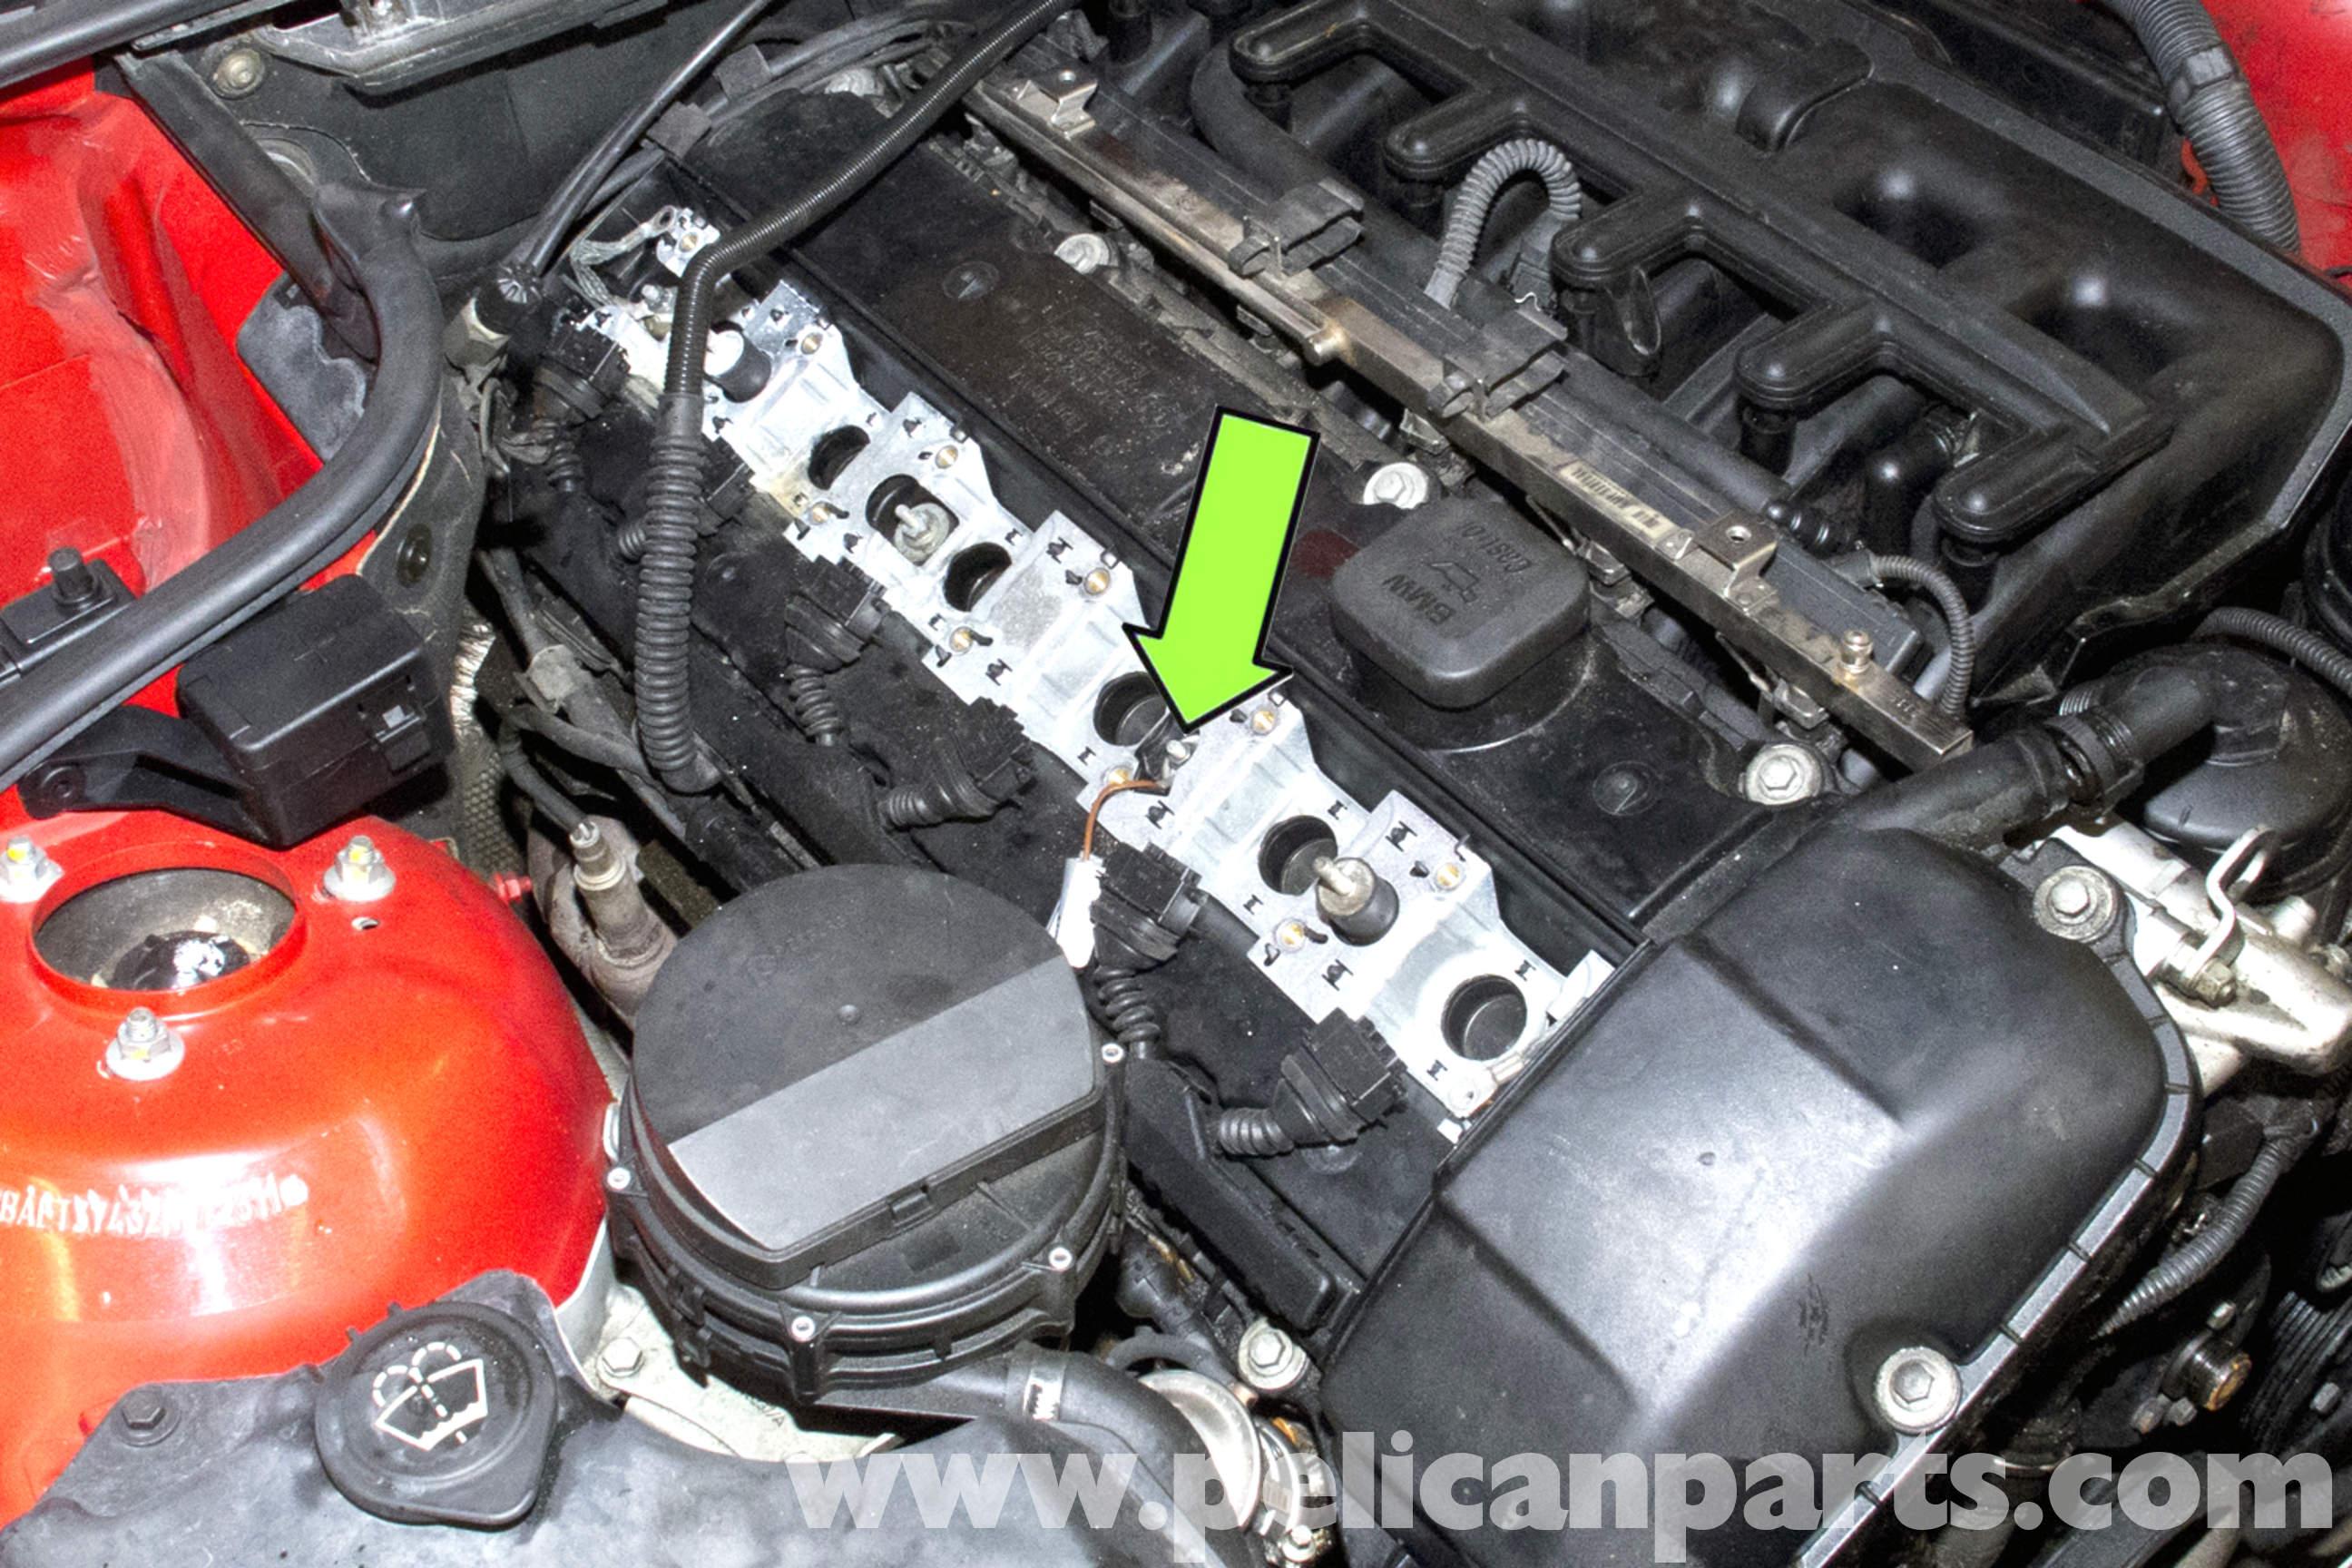 2001 bmw 740il engine diagram dodge caravan starter wiring 540i free image for user